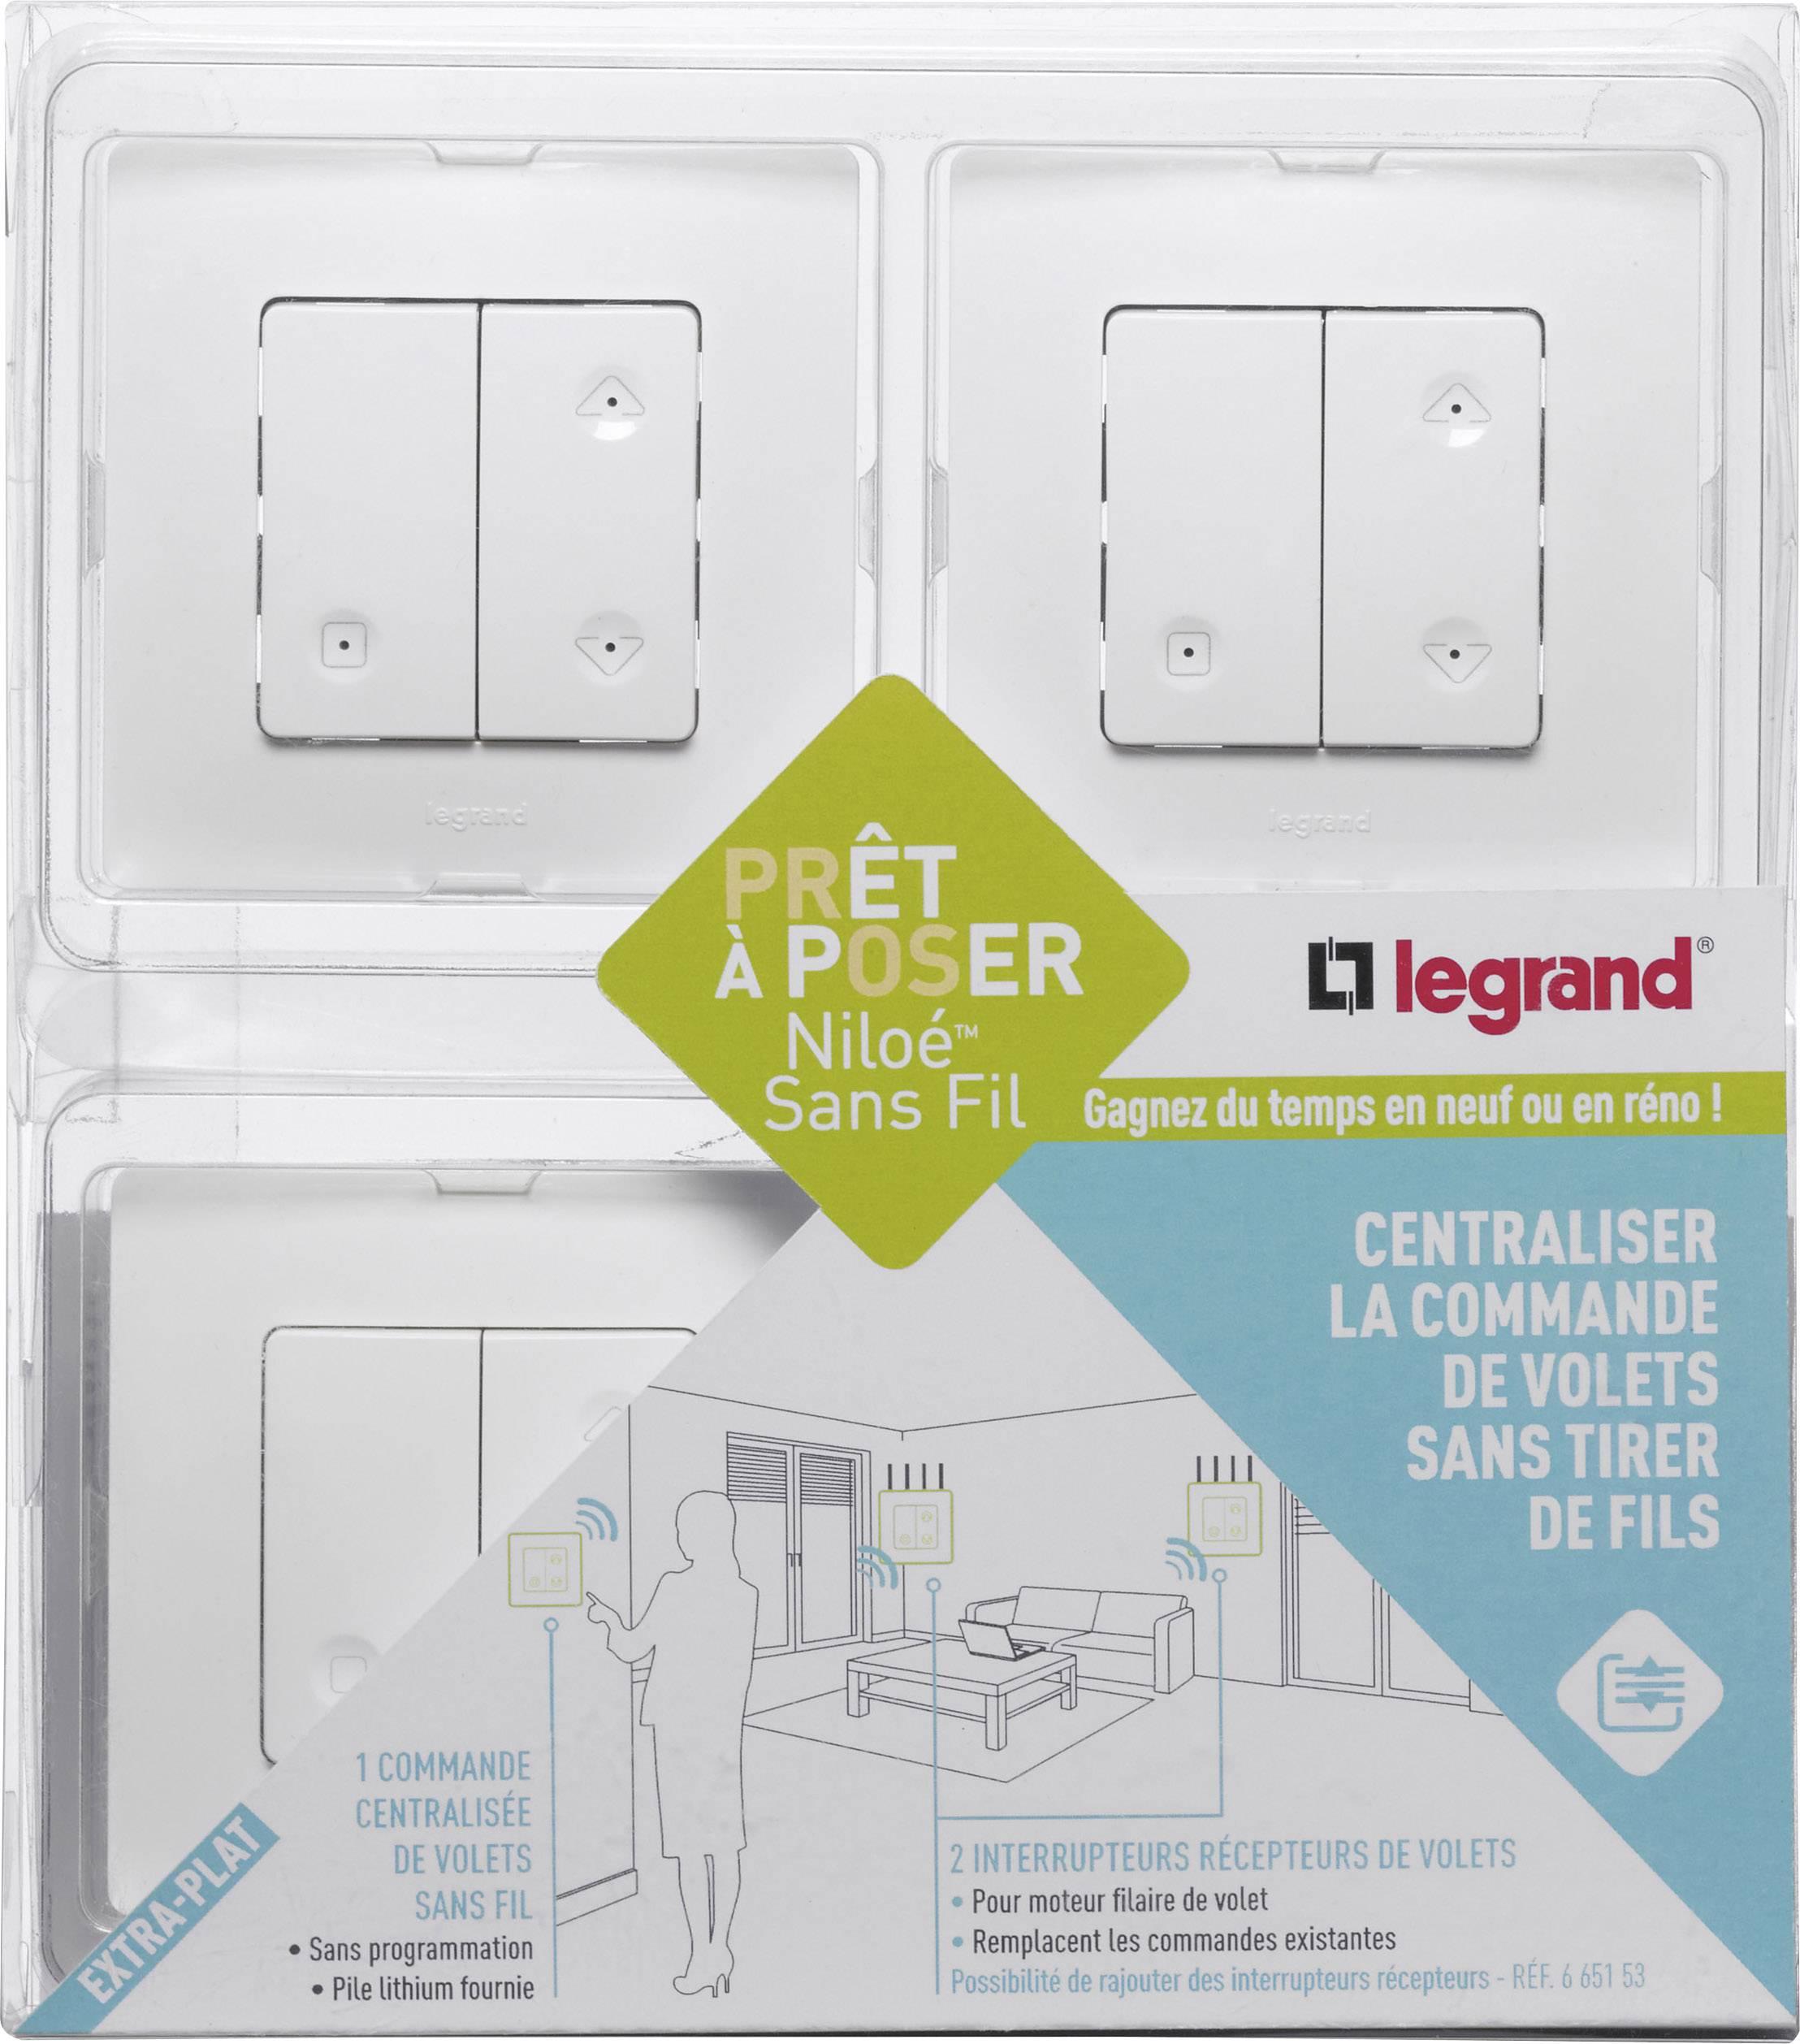 interrupteur pour volet roulant sans fil legrand leg. Black Bedroom Furniture Sets. Home Design Ideas